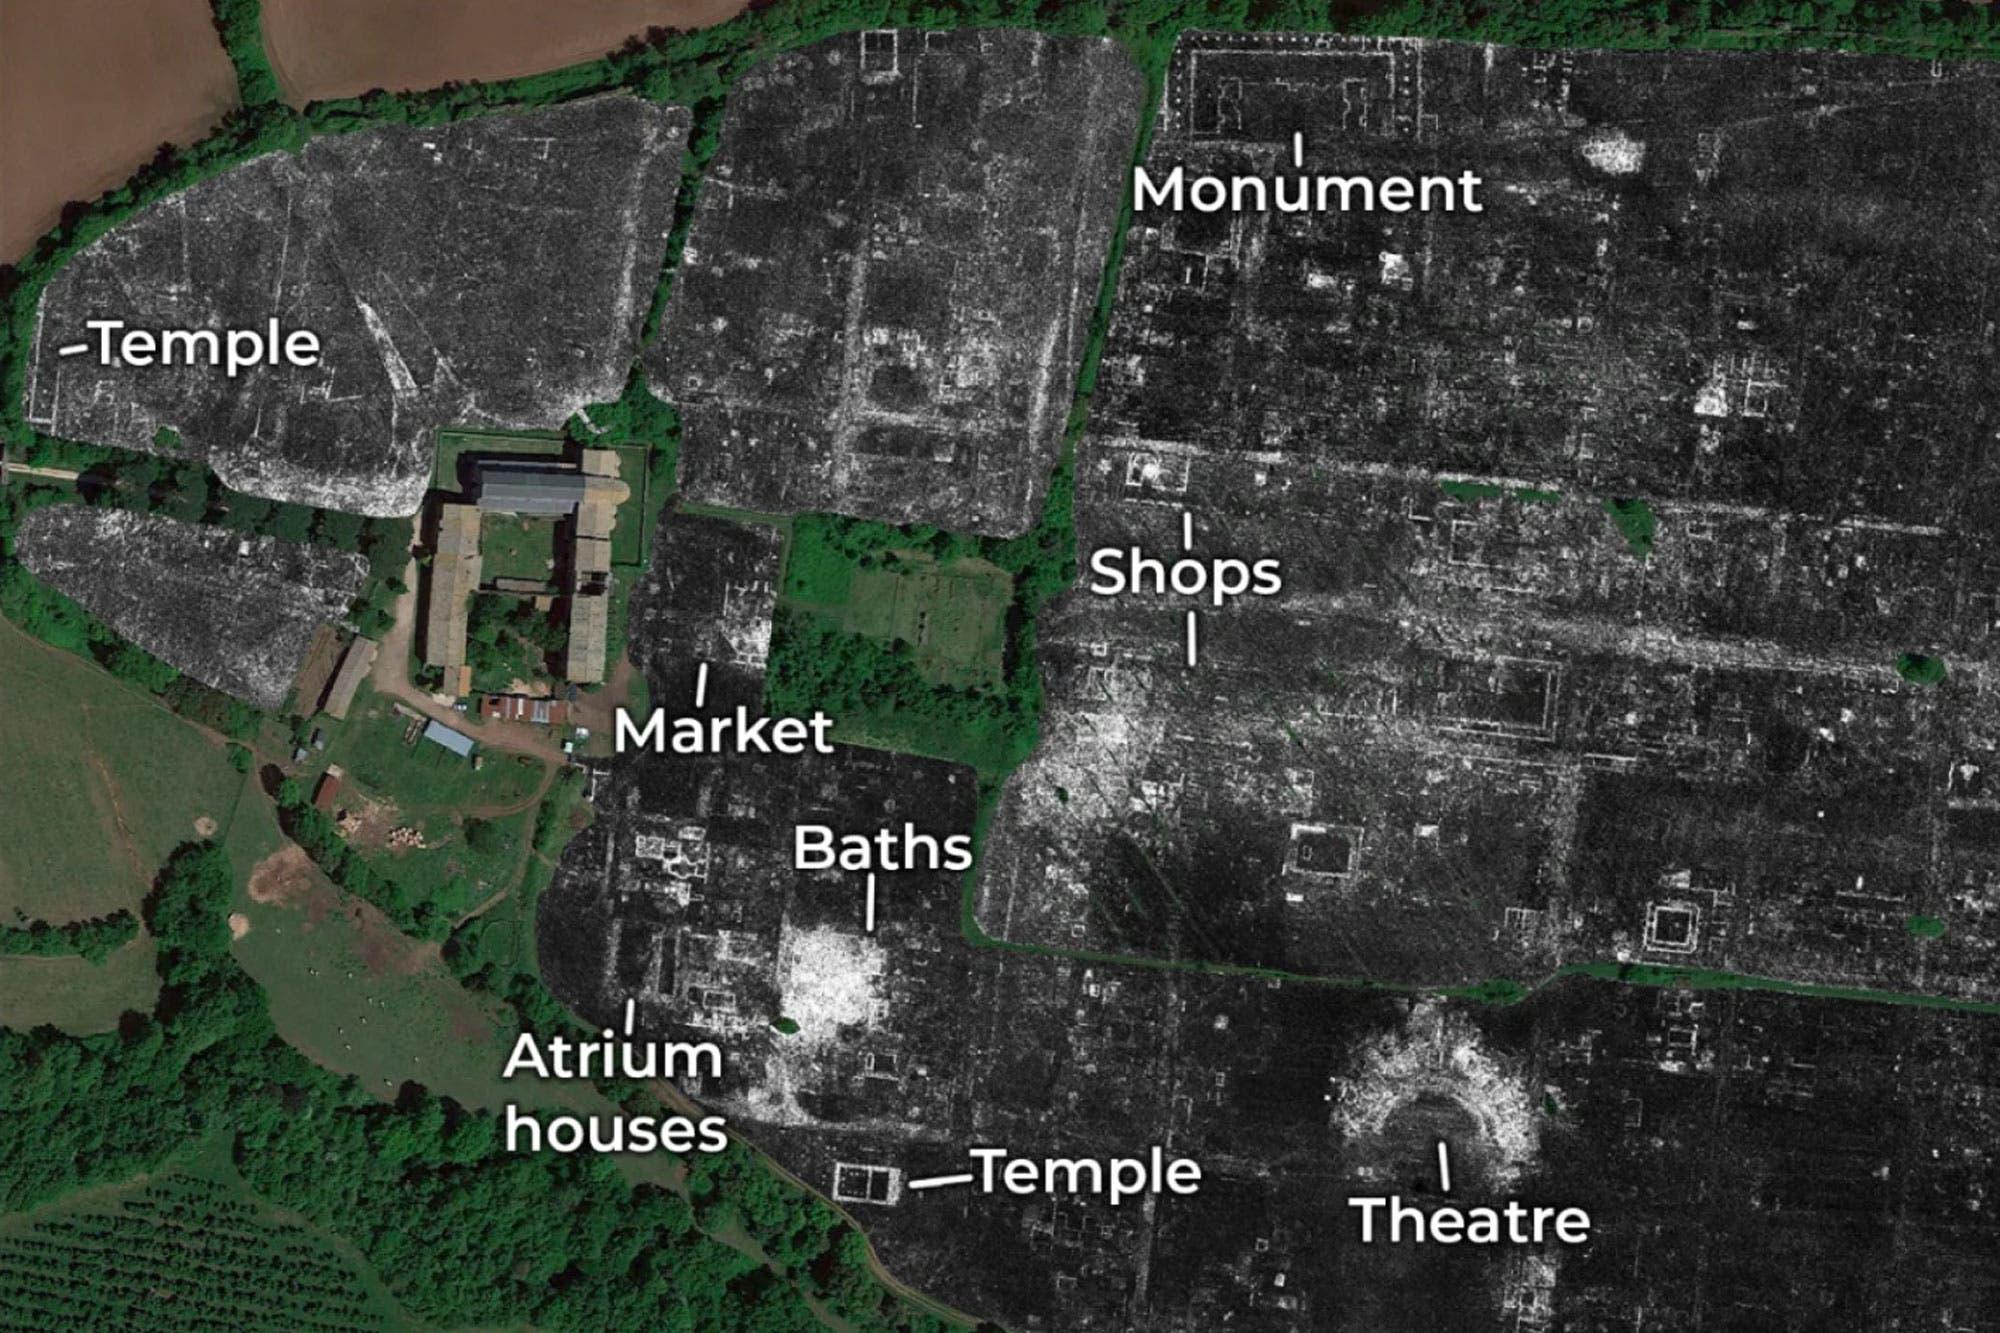 Con georradares, arqueólogos reconstruyen el mapa de una ciudad romana sin excavaciones